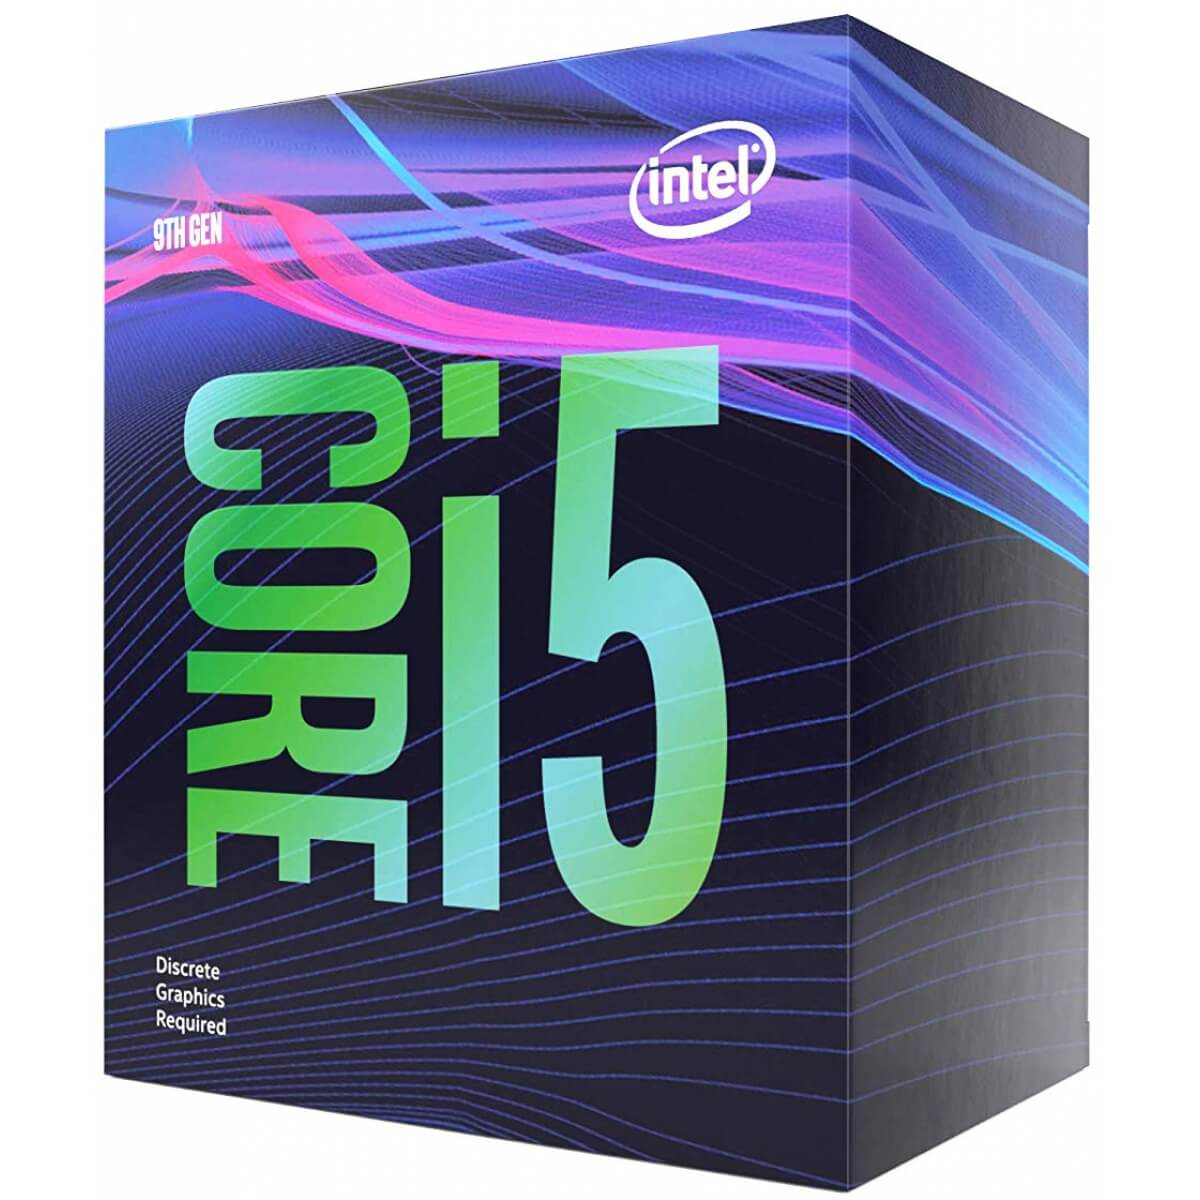 Processador Intel I5 9400F 6 Cores 2,9GHz (4,1GHz Turbo) 9MB LGA 1151